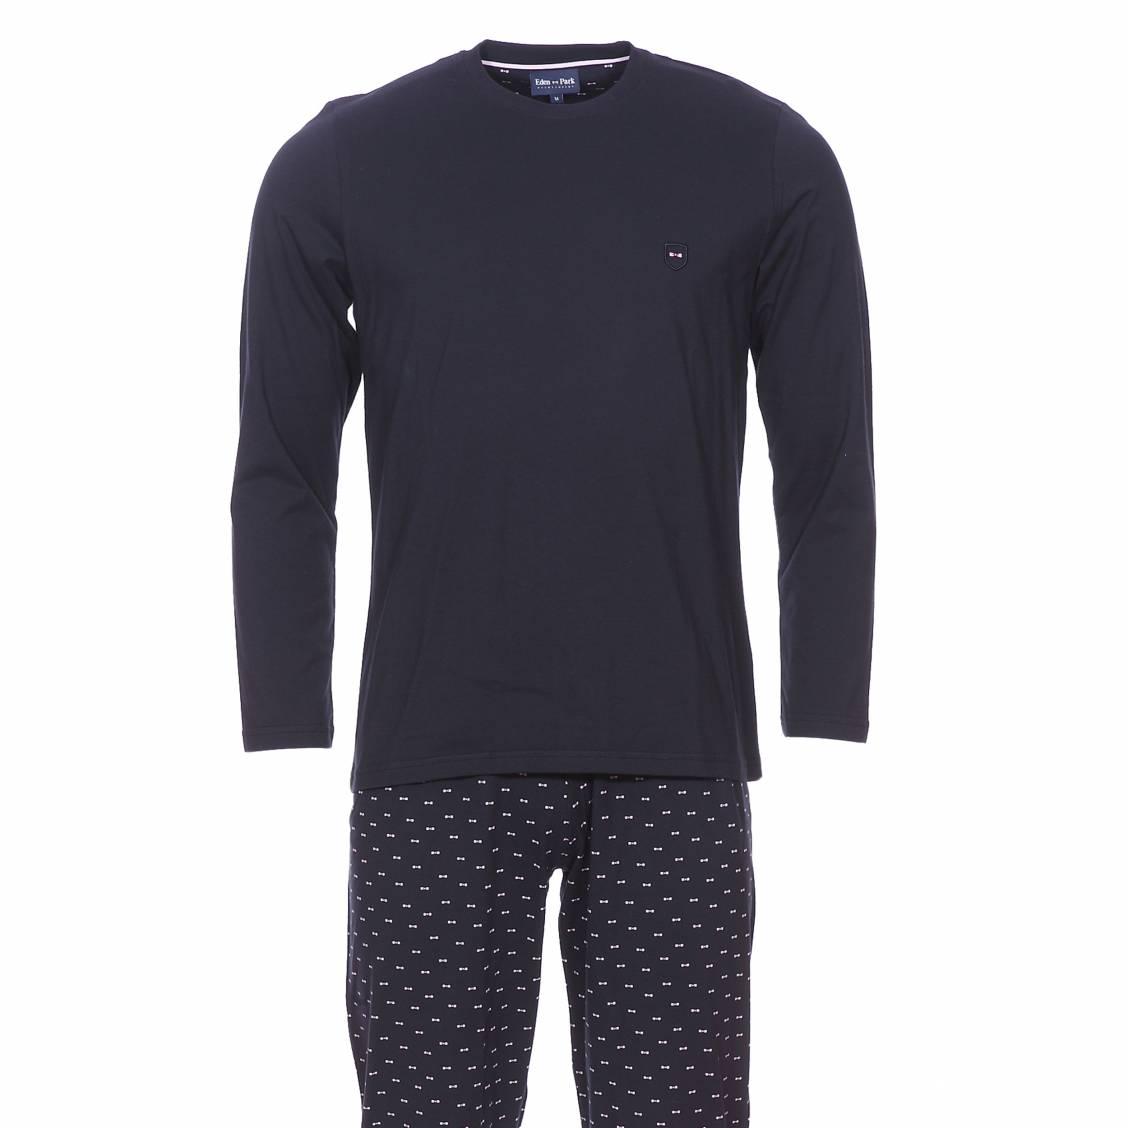 Pyjama long  en coton : tee-shirt manches longues bleu marine et pantalon bleu marine à petits n?uds rose pâle